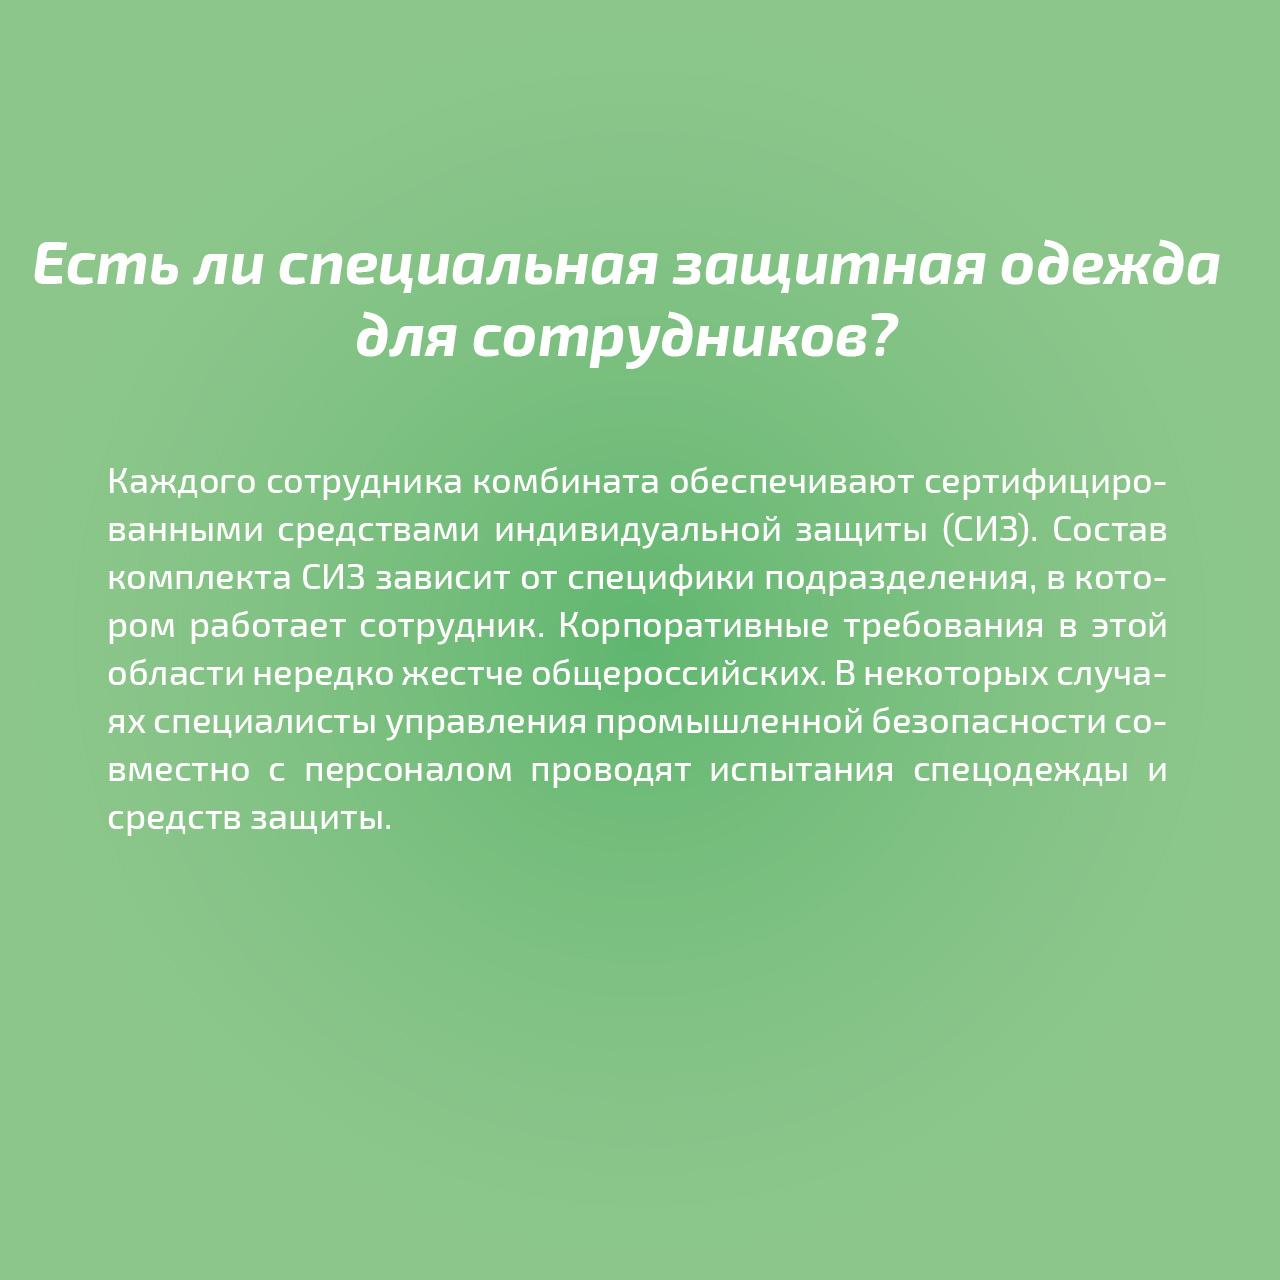 3-01.jpg